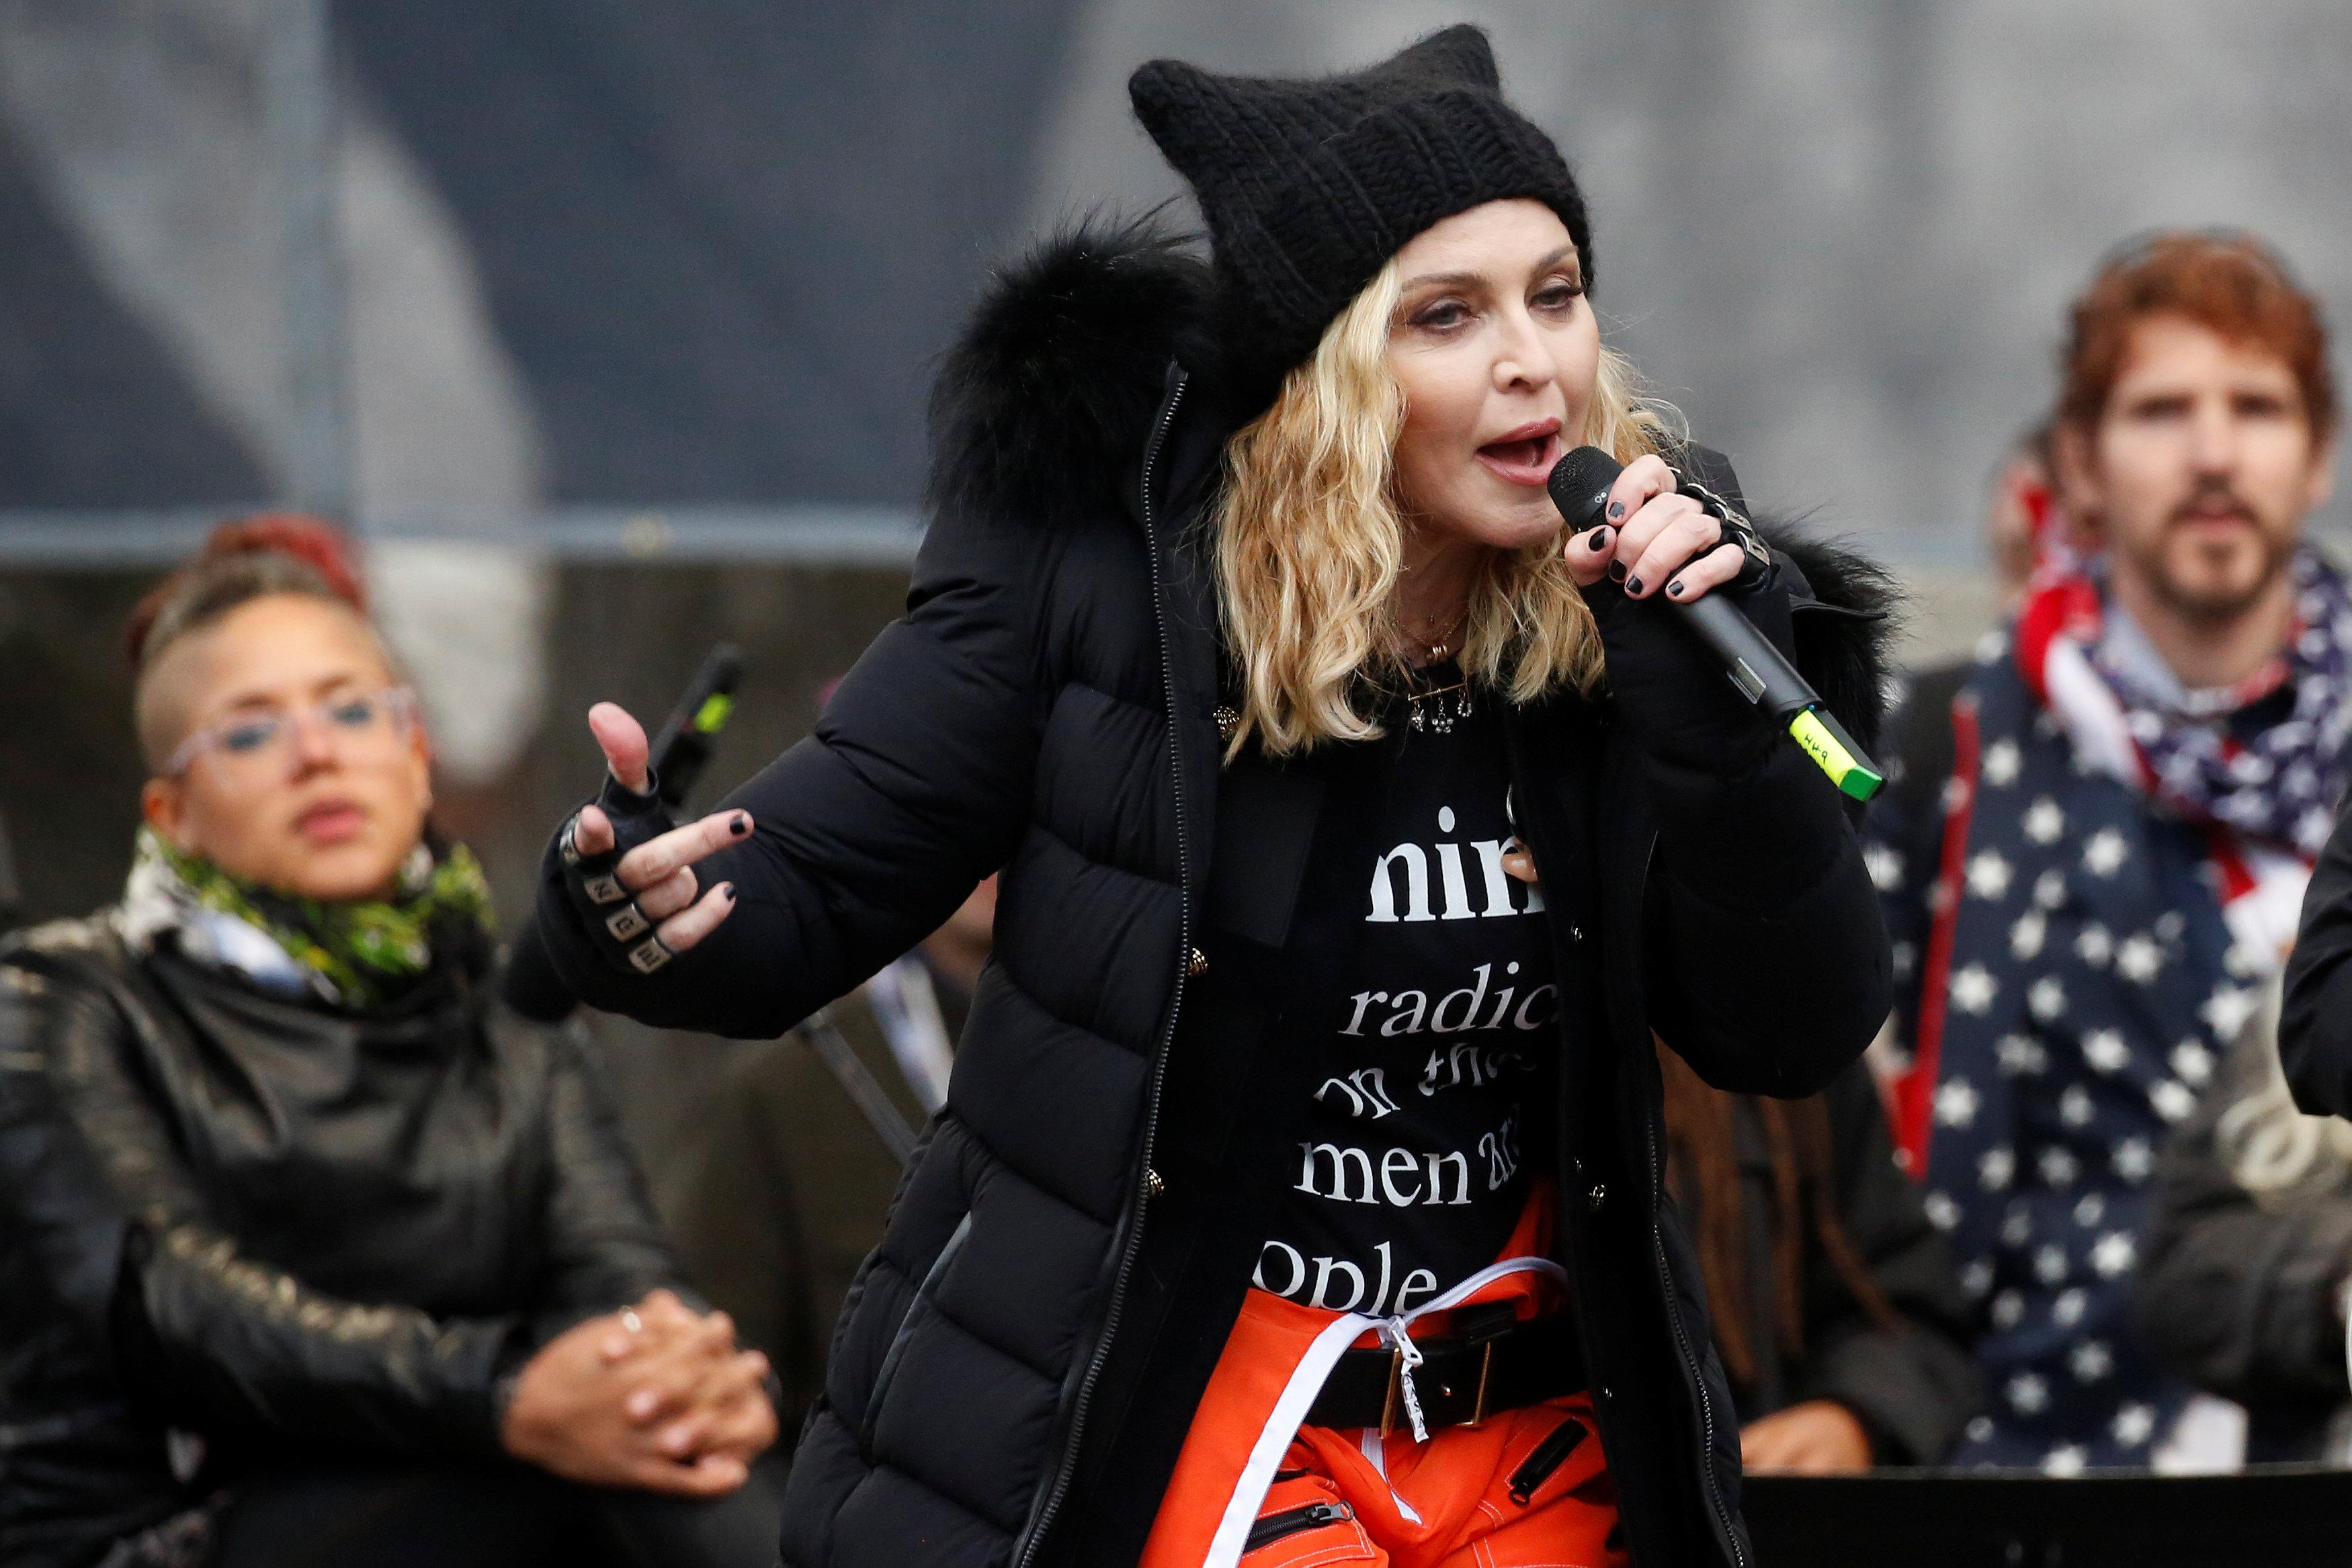 Madonna na marcha das mulheres em Washington, nos Estados Unidos